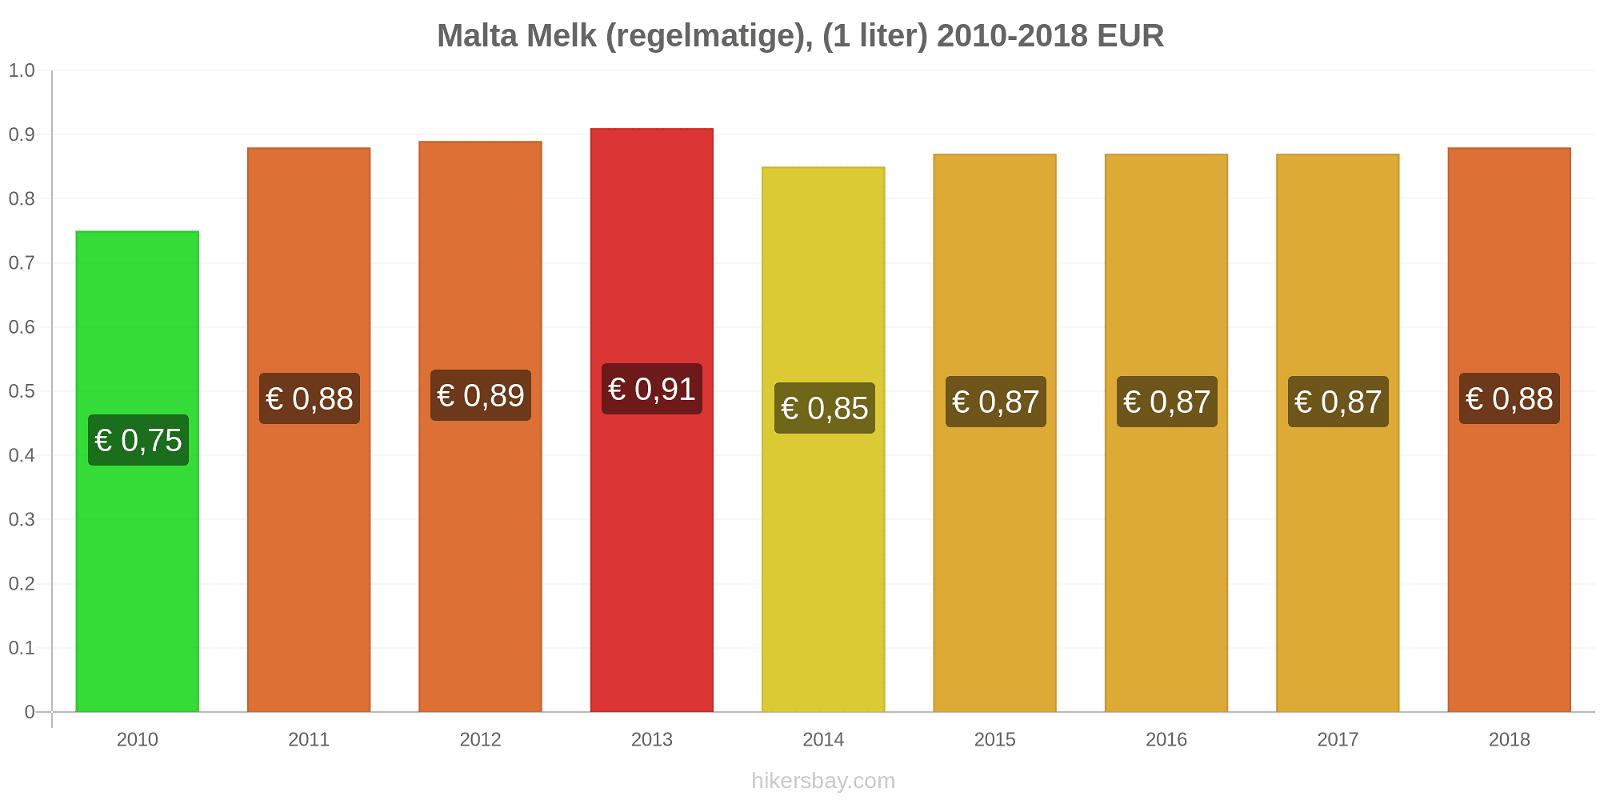 Malta prijswijzigingen Melk (regelmatige), (1 liter) hikersbay.com